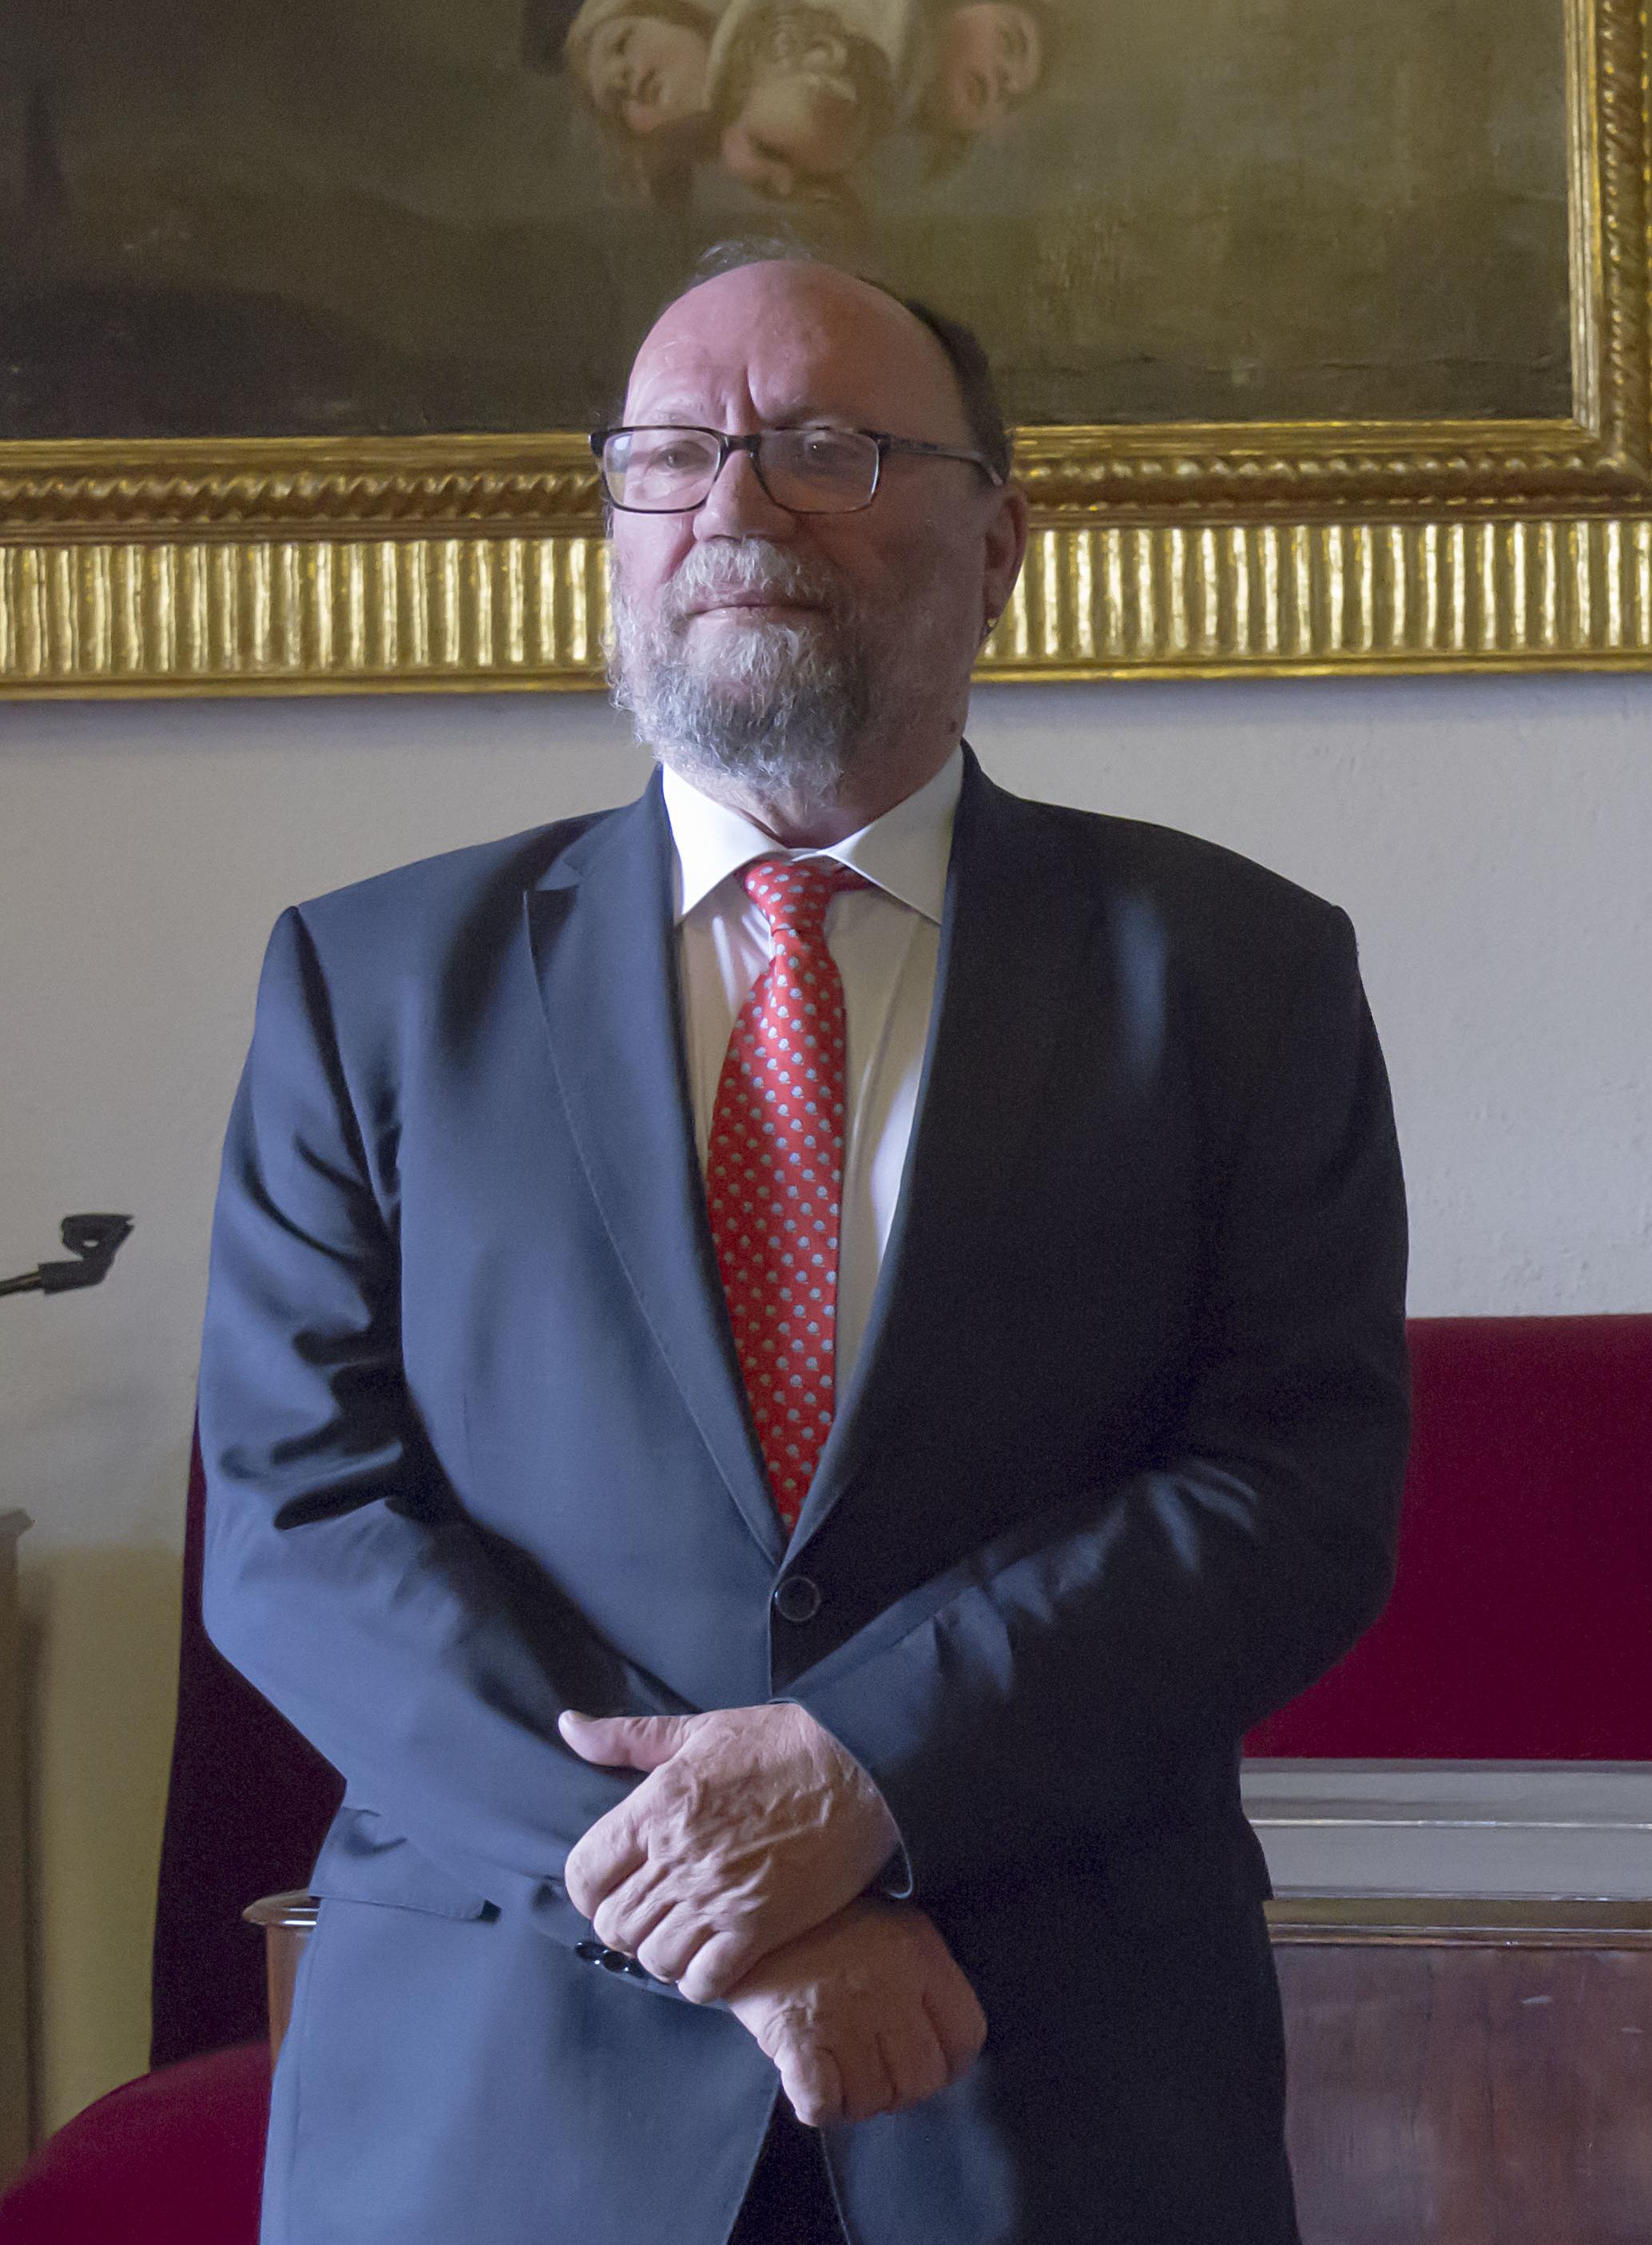 Francisco González Lodeiro toma posesión como nuevo presidente de la Academia de Ciencias Matemáticas, Físico-Químicas y Naturales de Granada